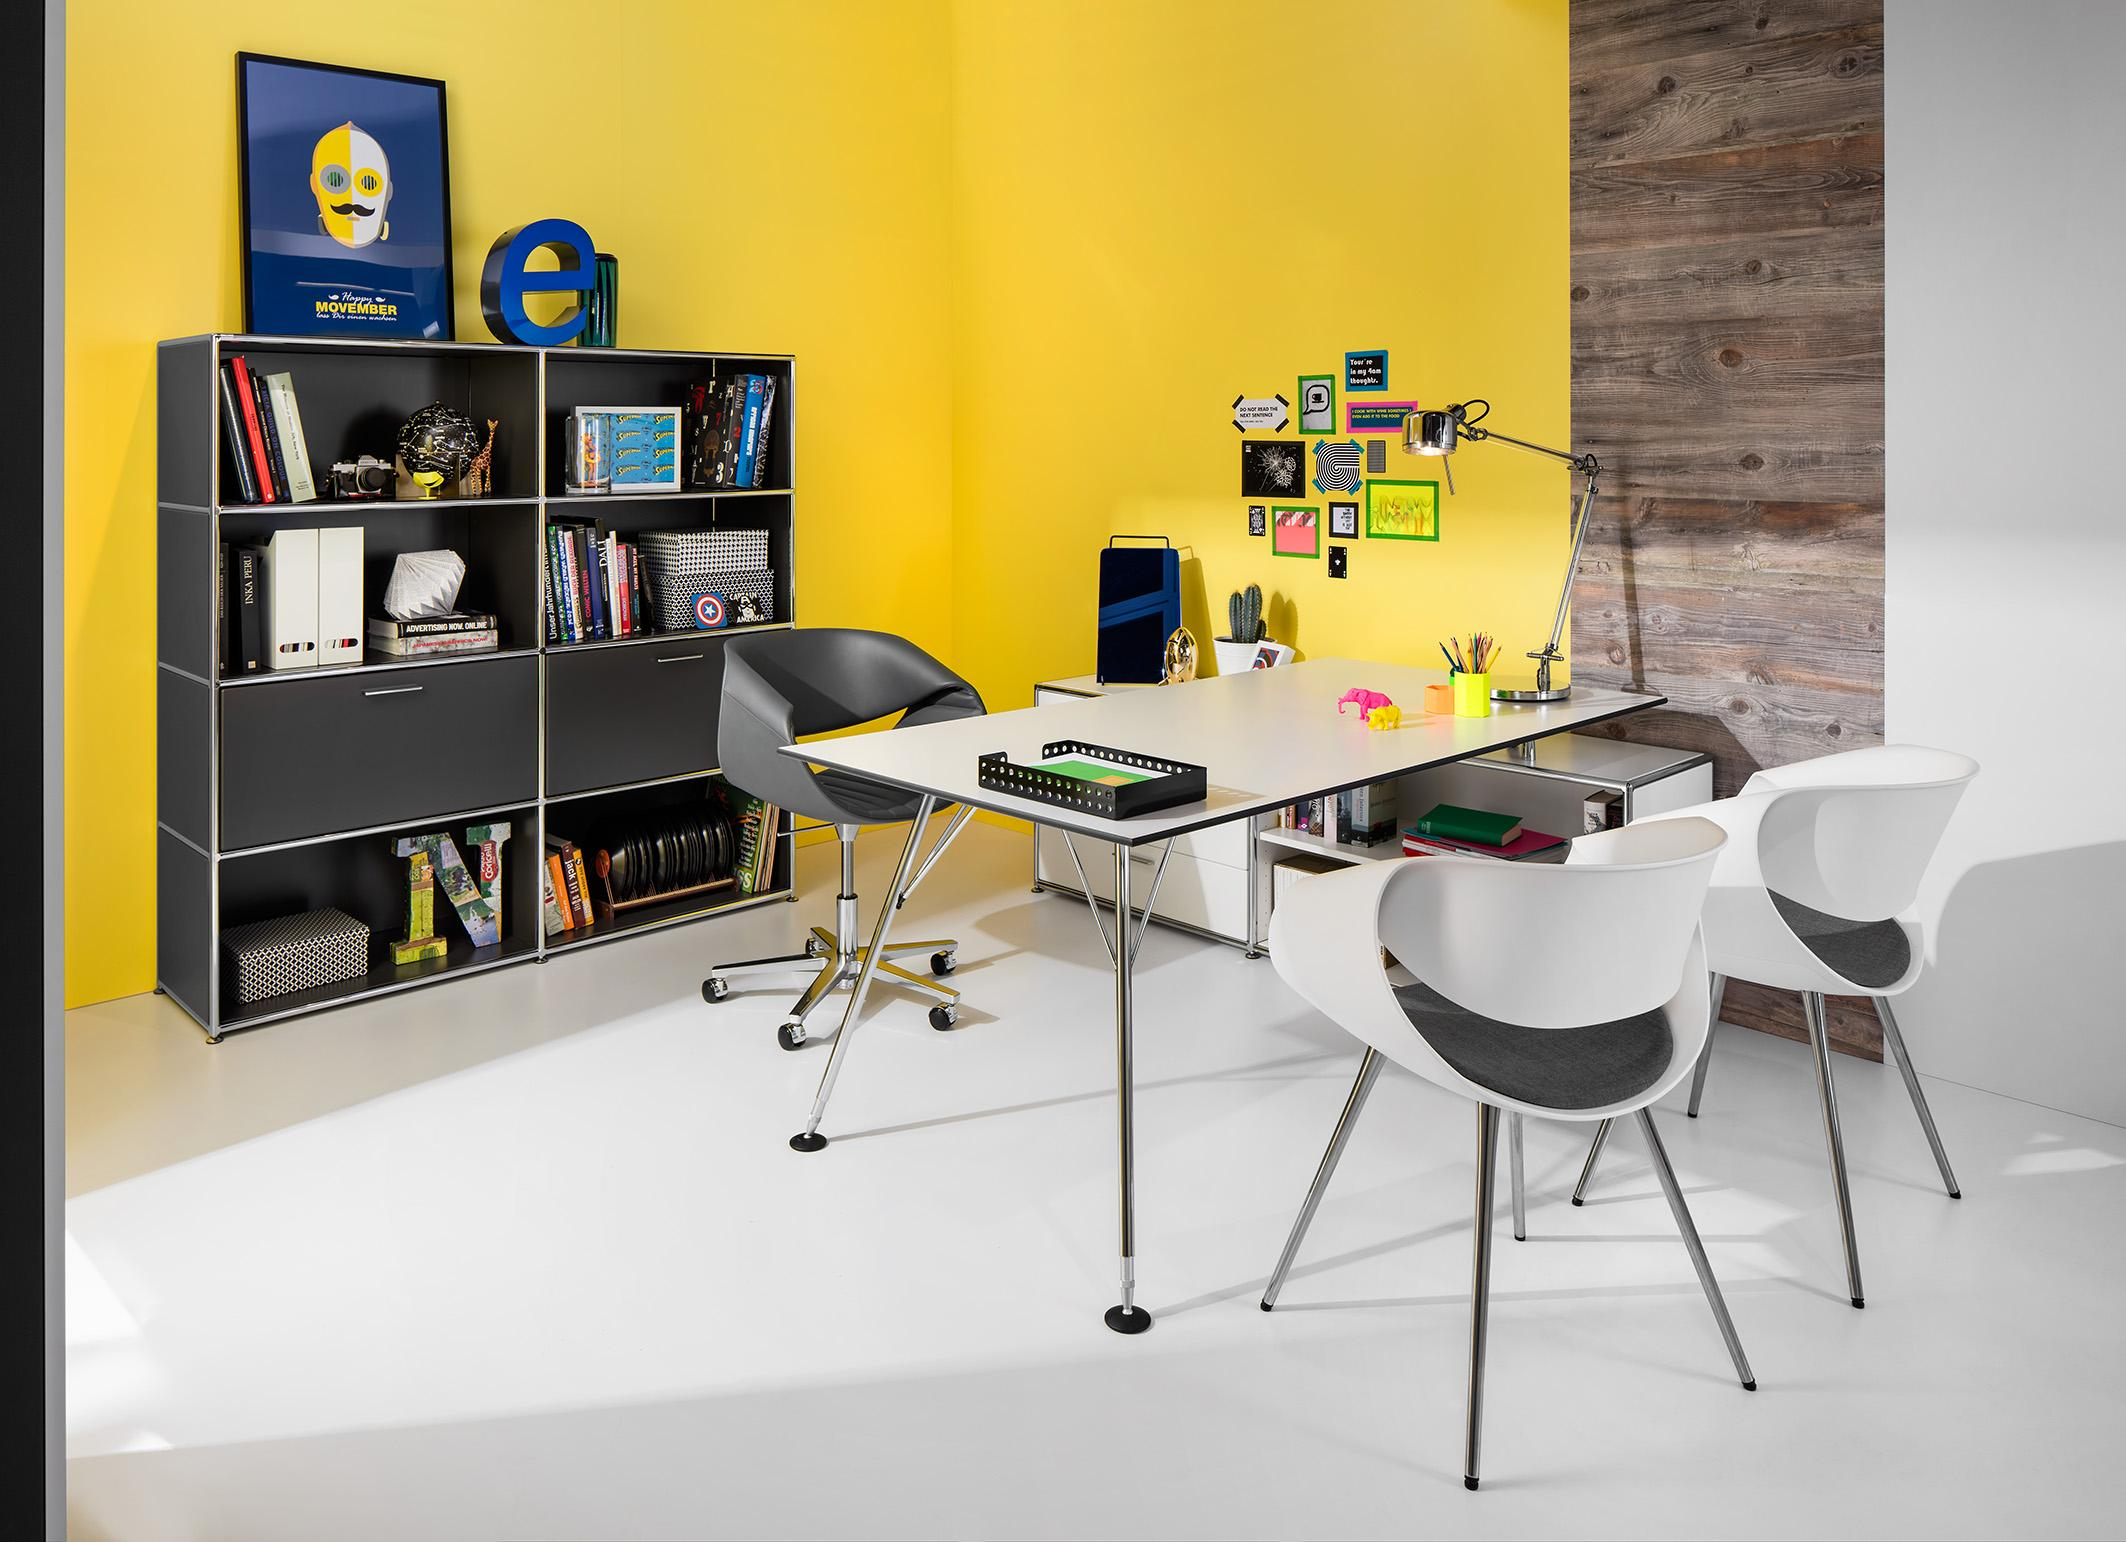 Moderne Bürostühle Für Das Arbeitszimmer #stuhl #büro #bürostuhl  #arbeitszimmer #weißerstuhl #